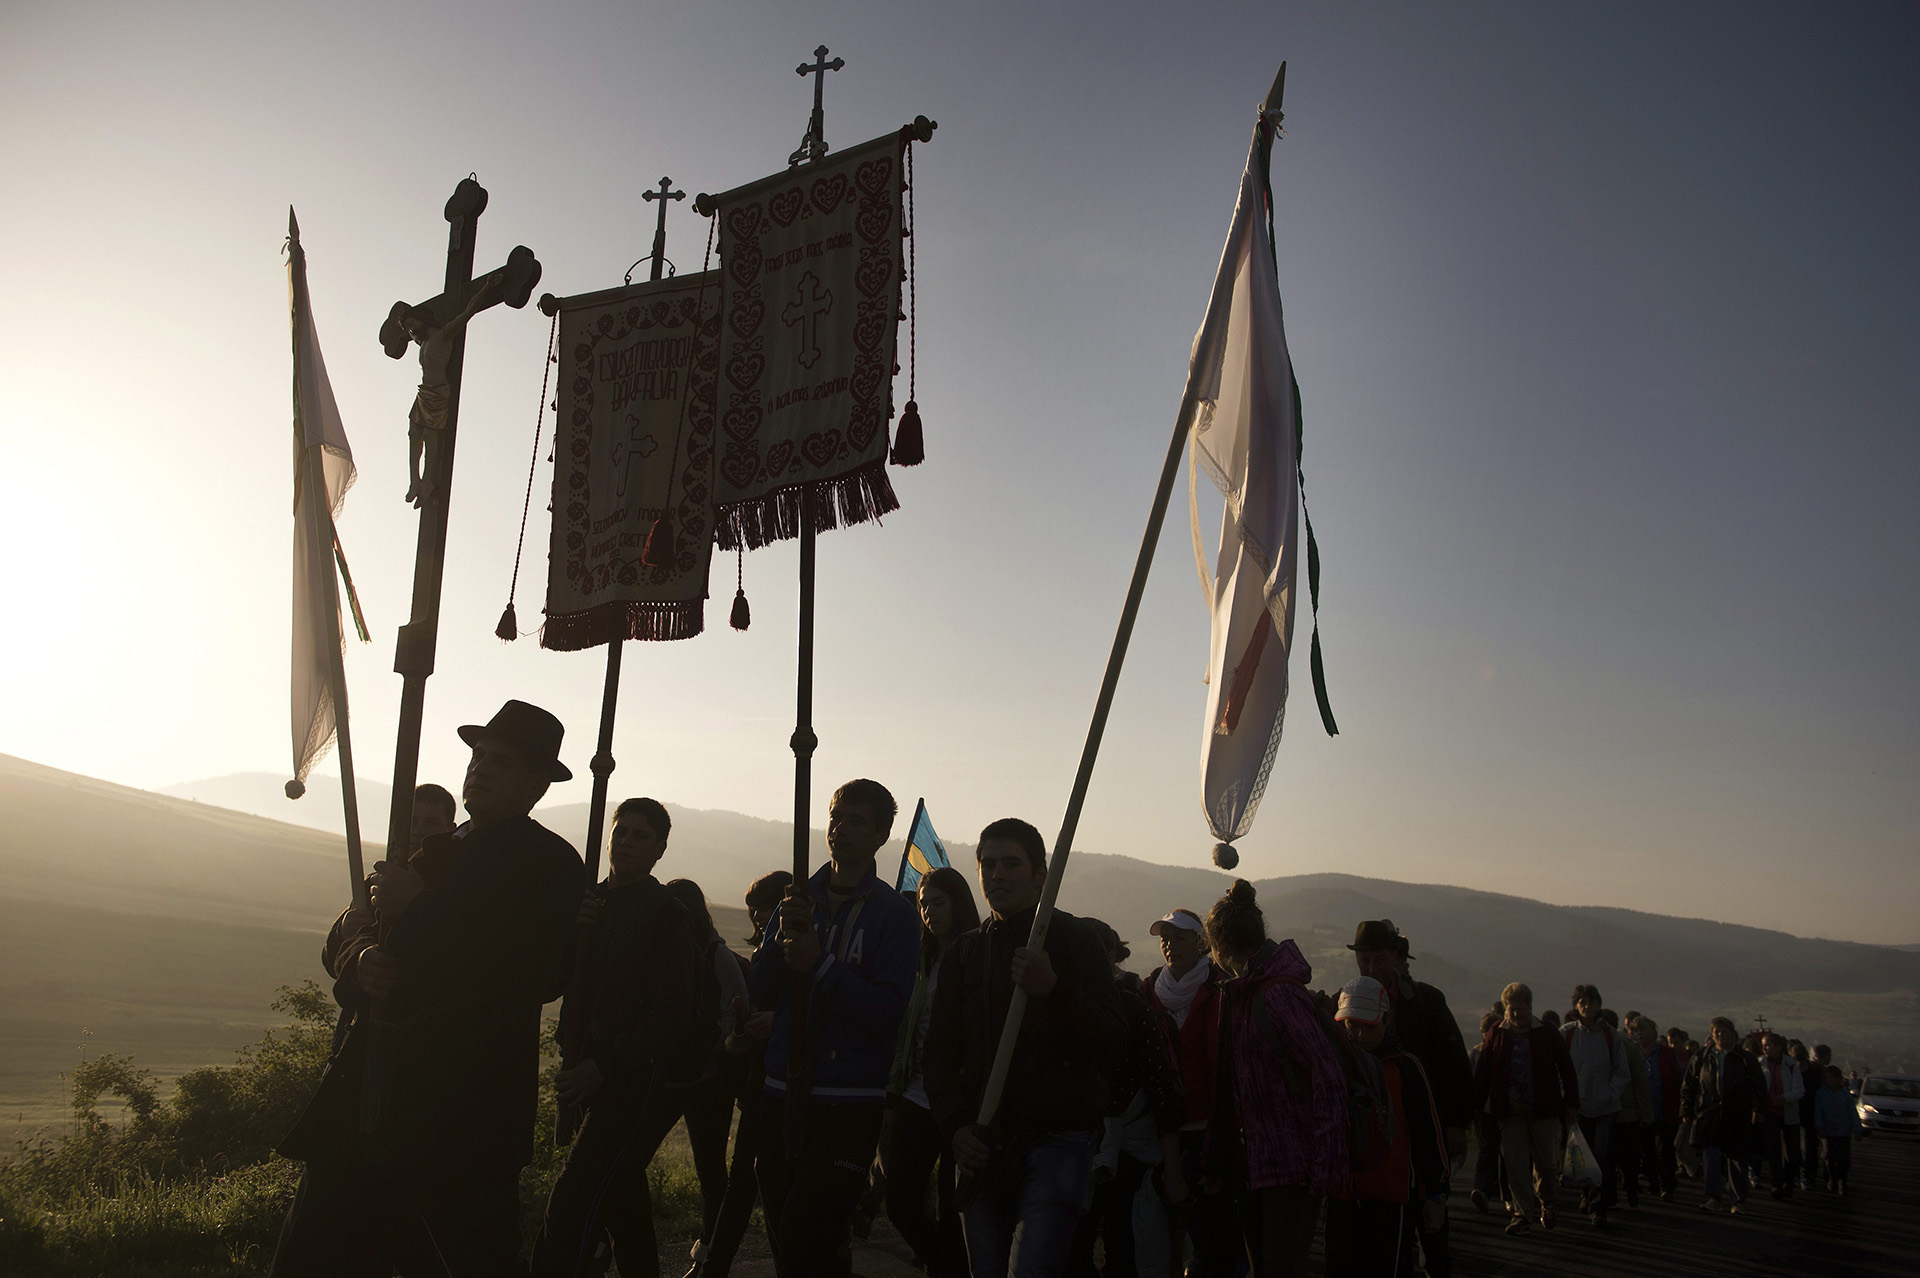 Csíksomlyóra és Balázsfalvára is megy a pápa